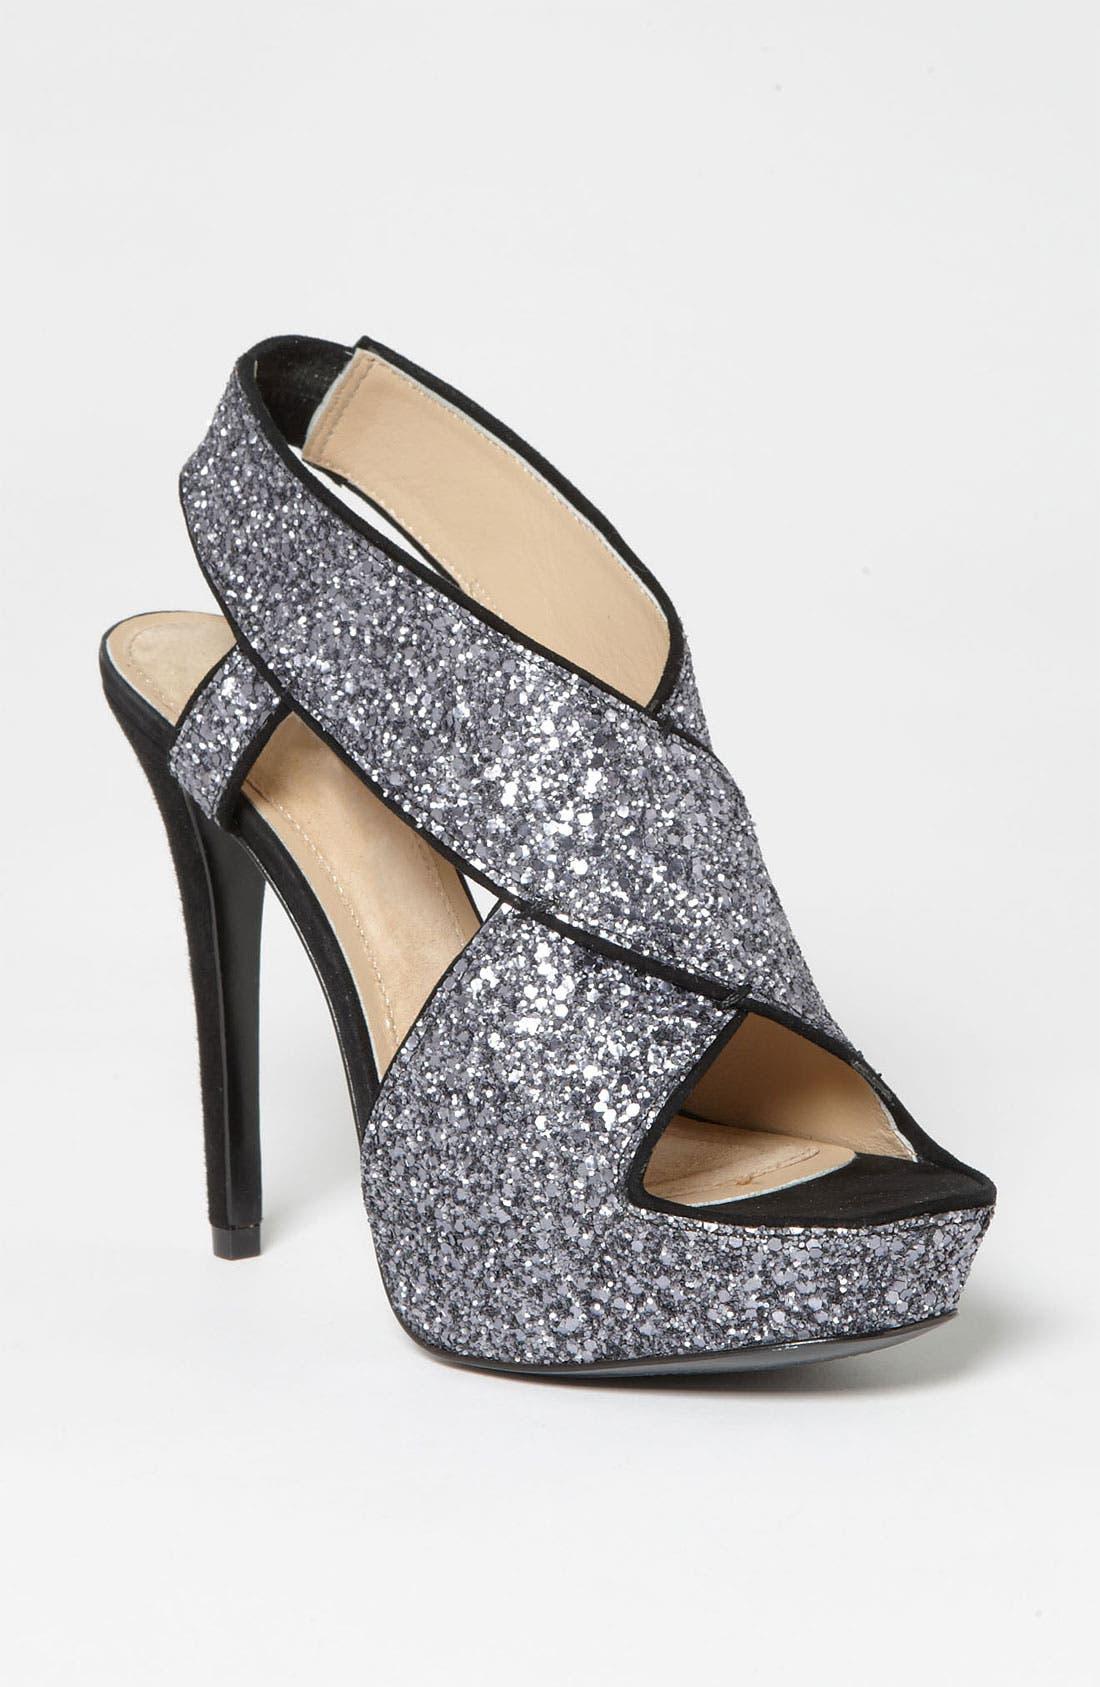 Main Image - Diane von Furstenberg 'Zia' Glitter Sandal